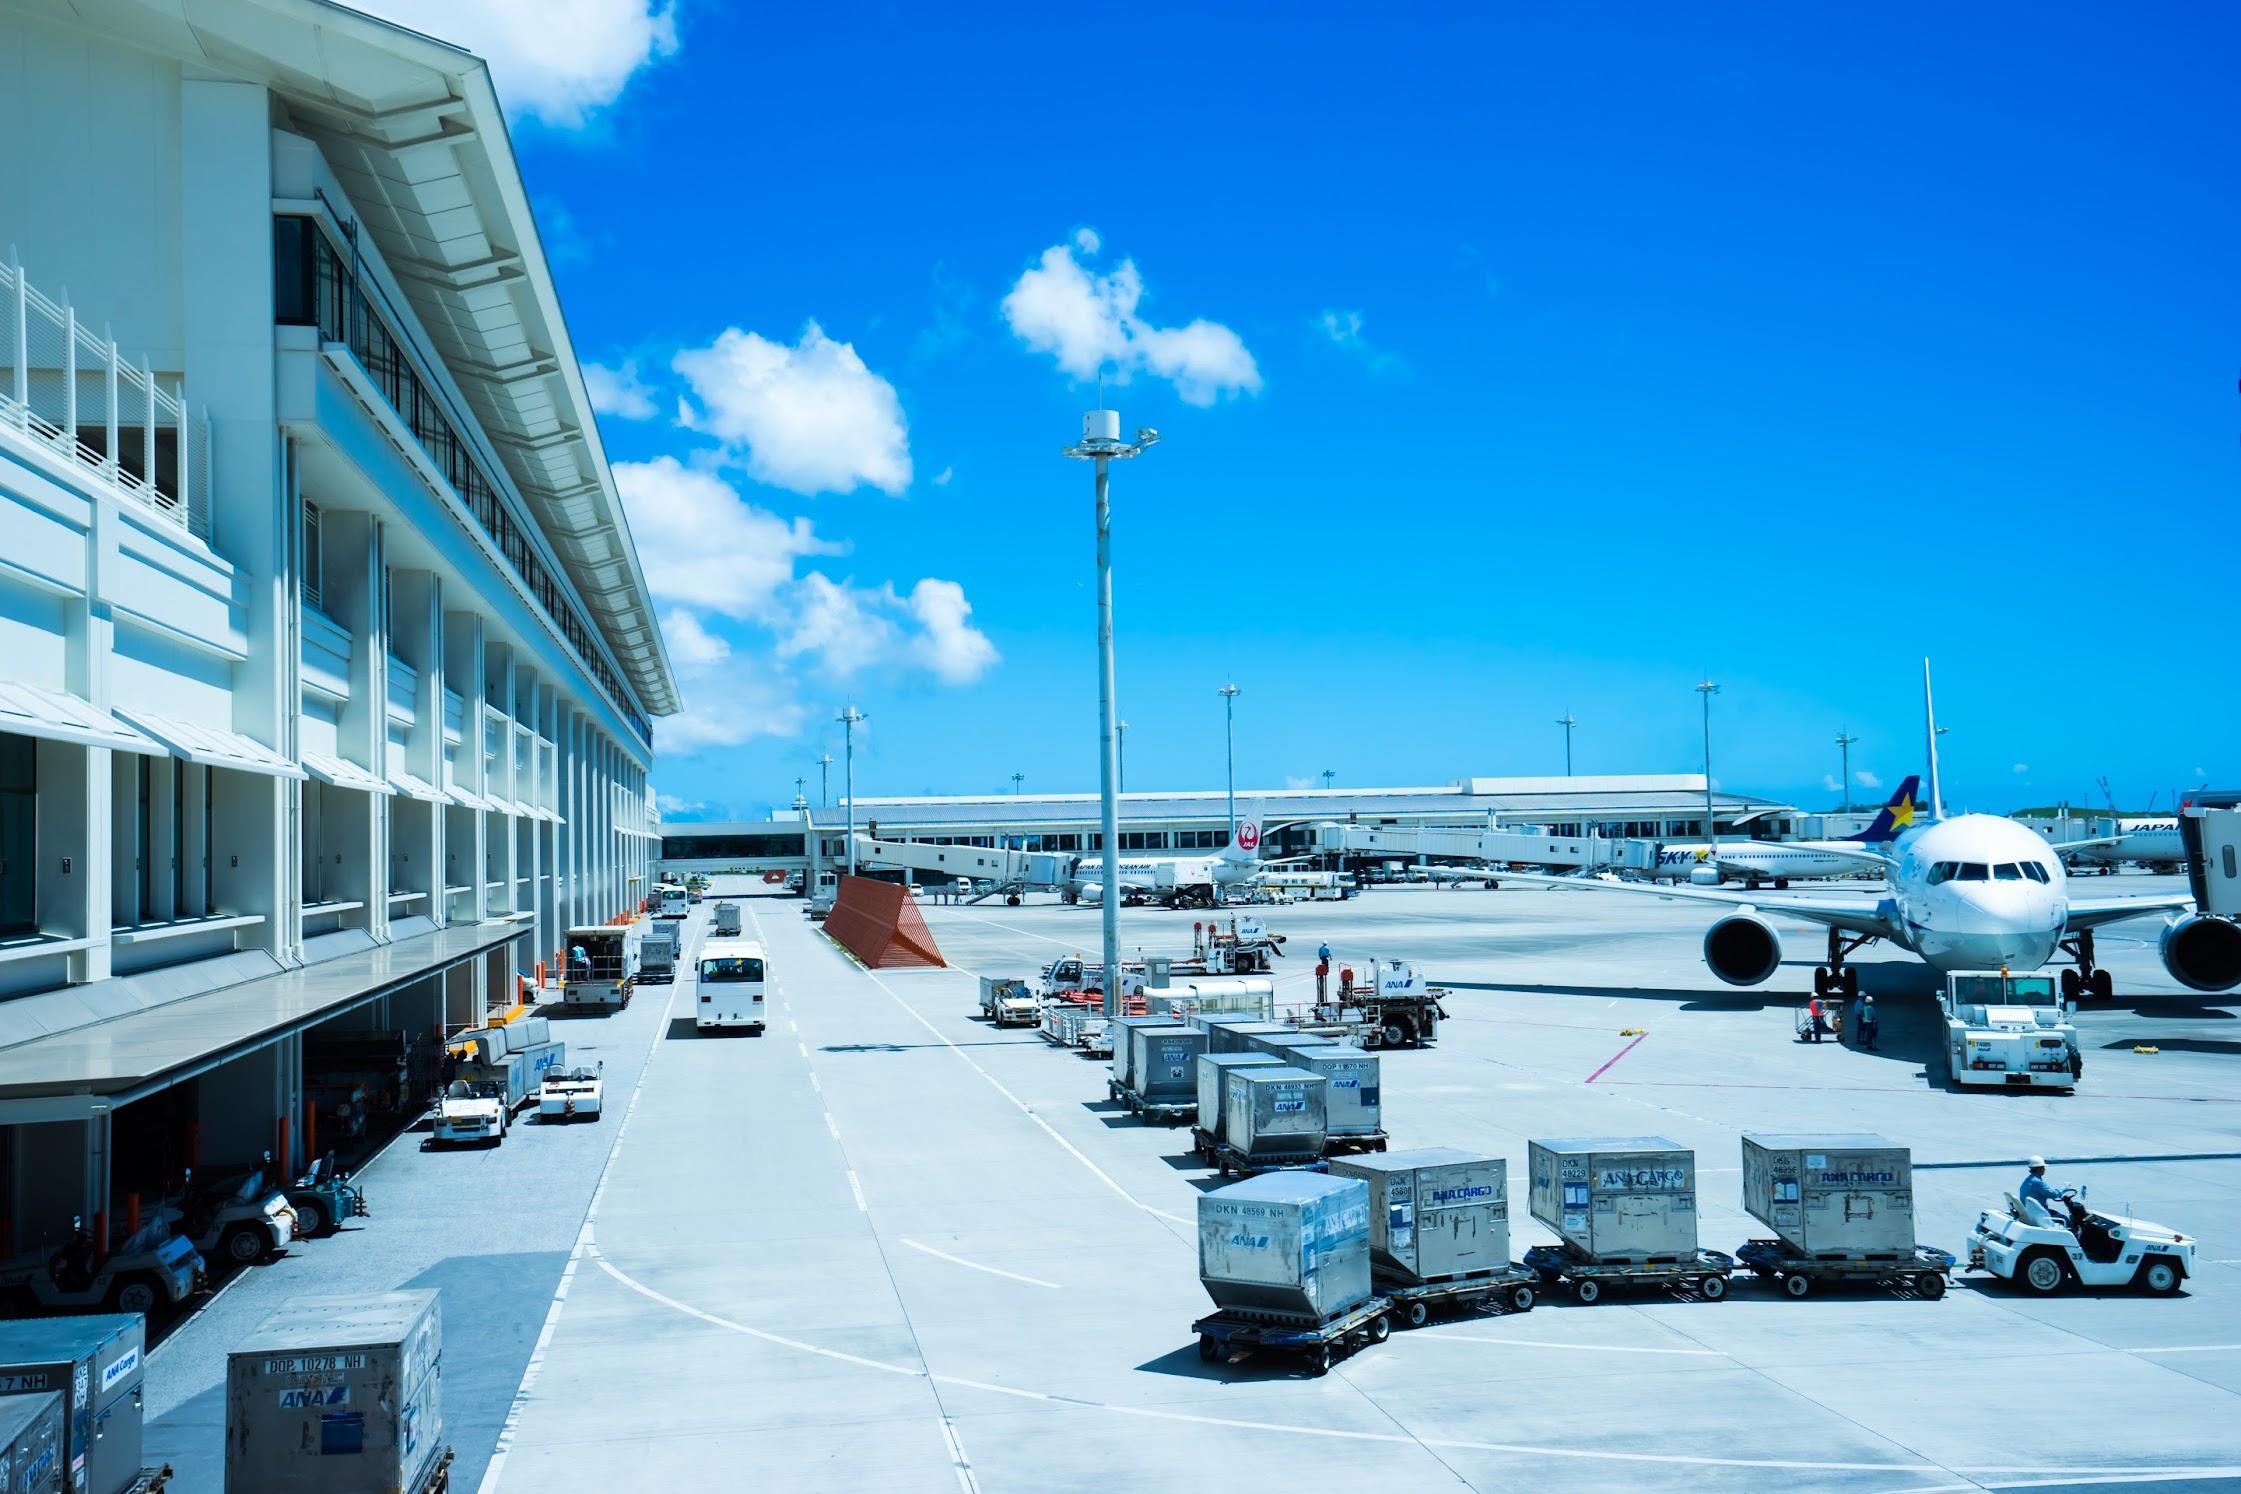 Naha Airport5